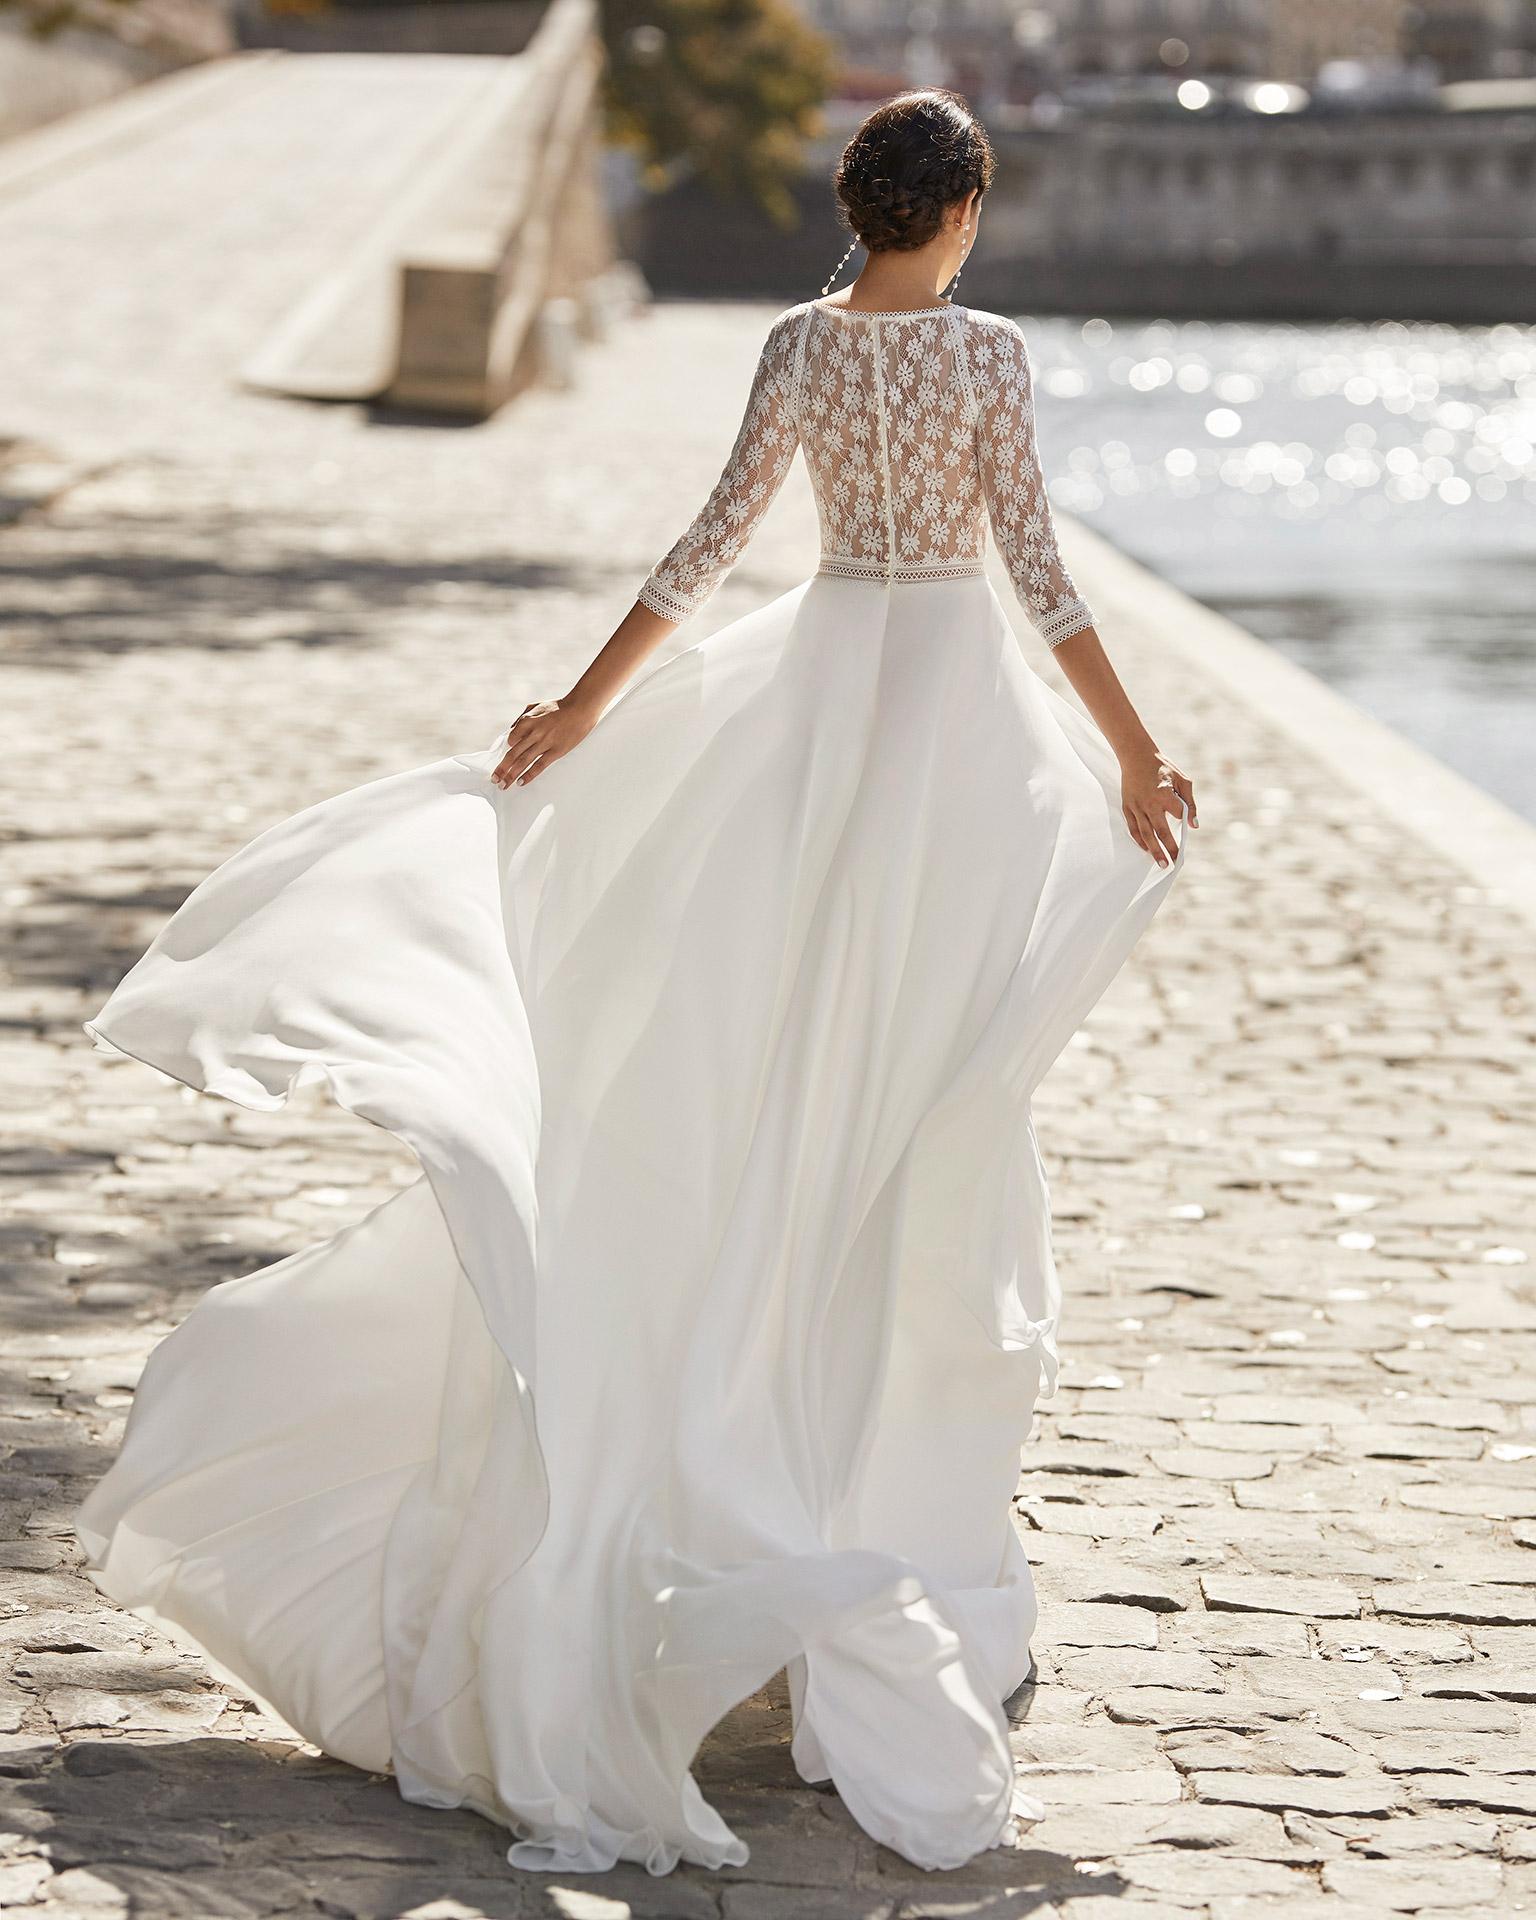 Vestido de novia de gasa. Escote cerrado de encaje, manga tres cuartos de encaje y espalda de encaje con botones. Colección ALMANOVIA 2021.